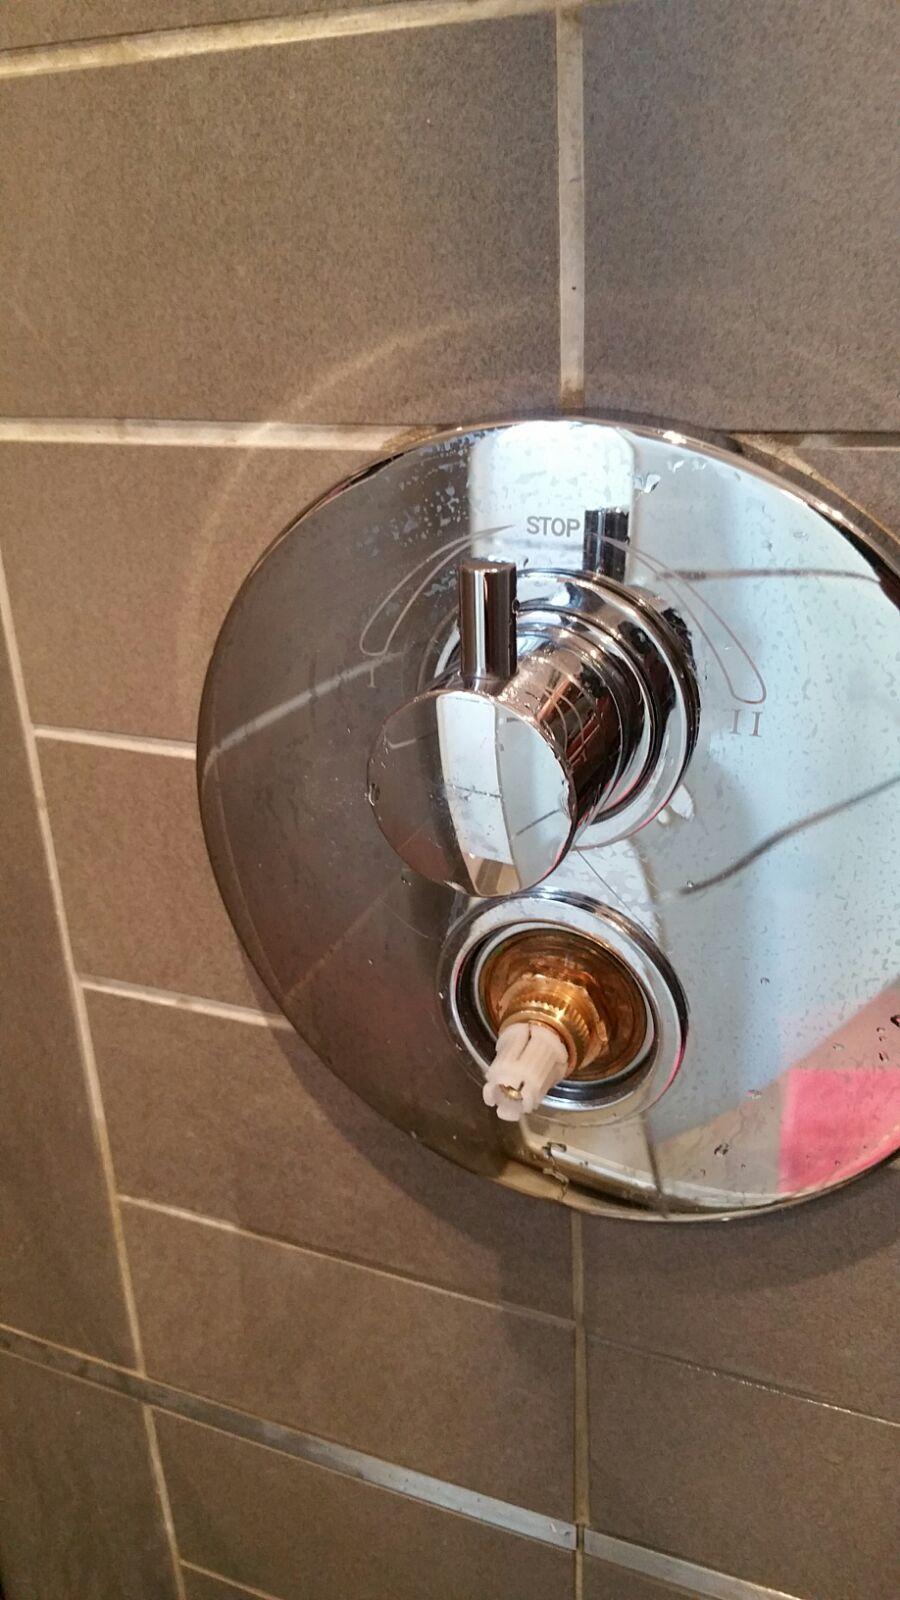 Remplacement Cartouche Thermostatique Sur Robinet Encastre Lapeyre Page 1 Depannages Et Systeme D Mecanique Maison Plombiers Reunis